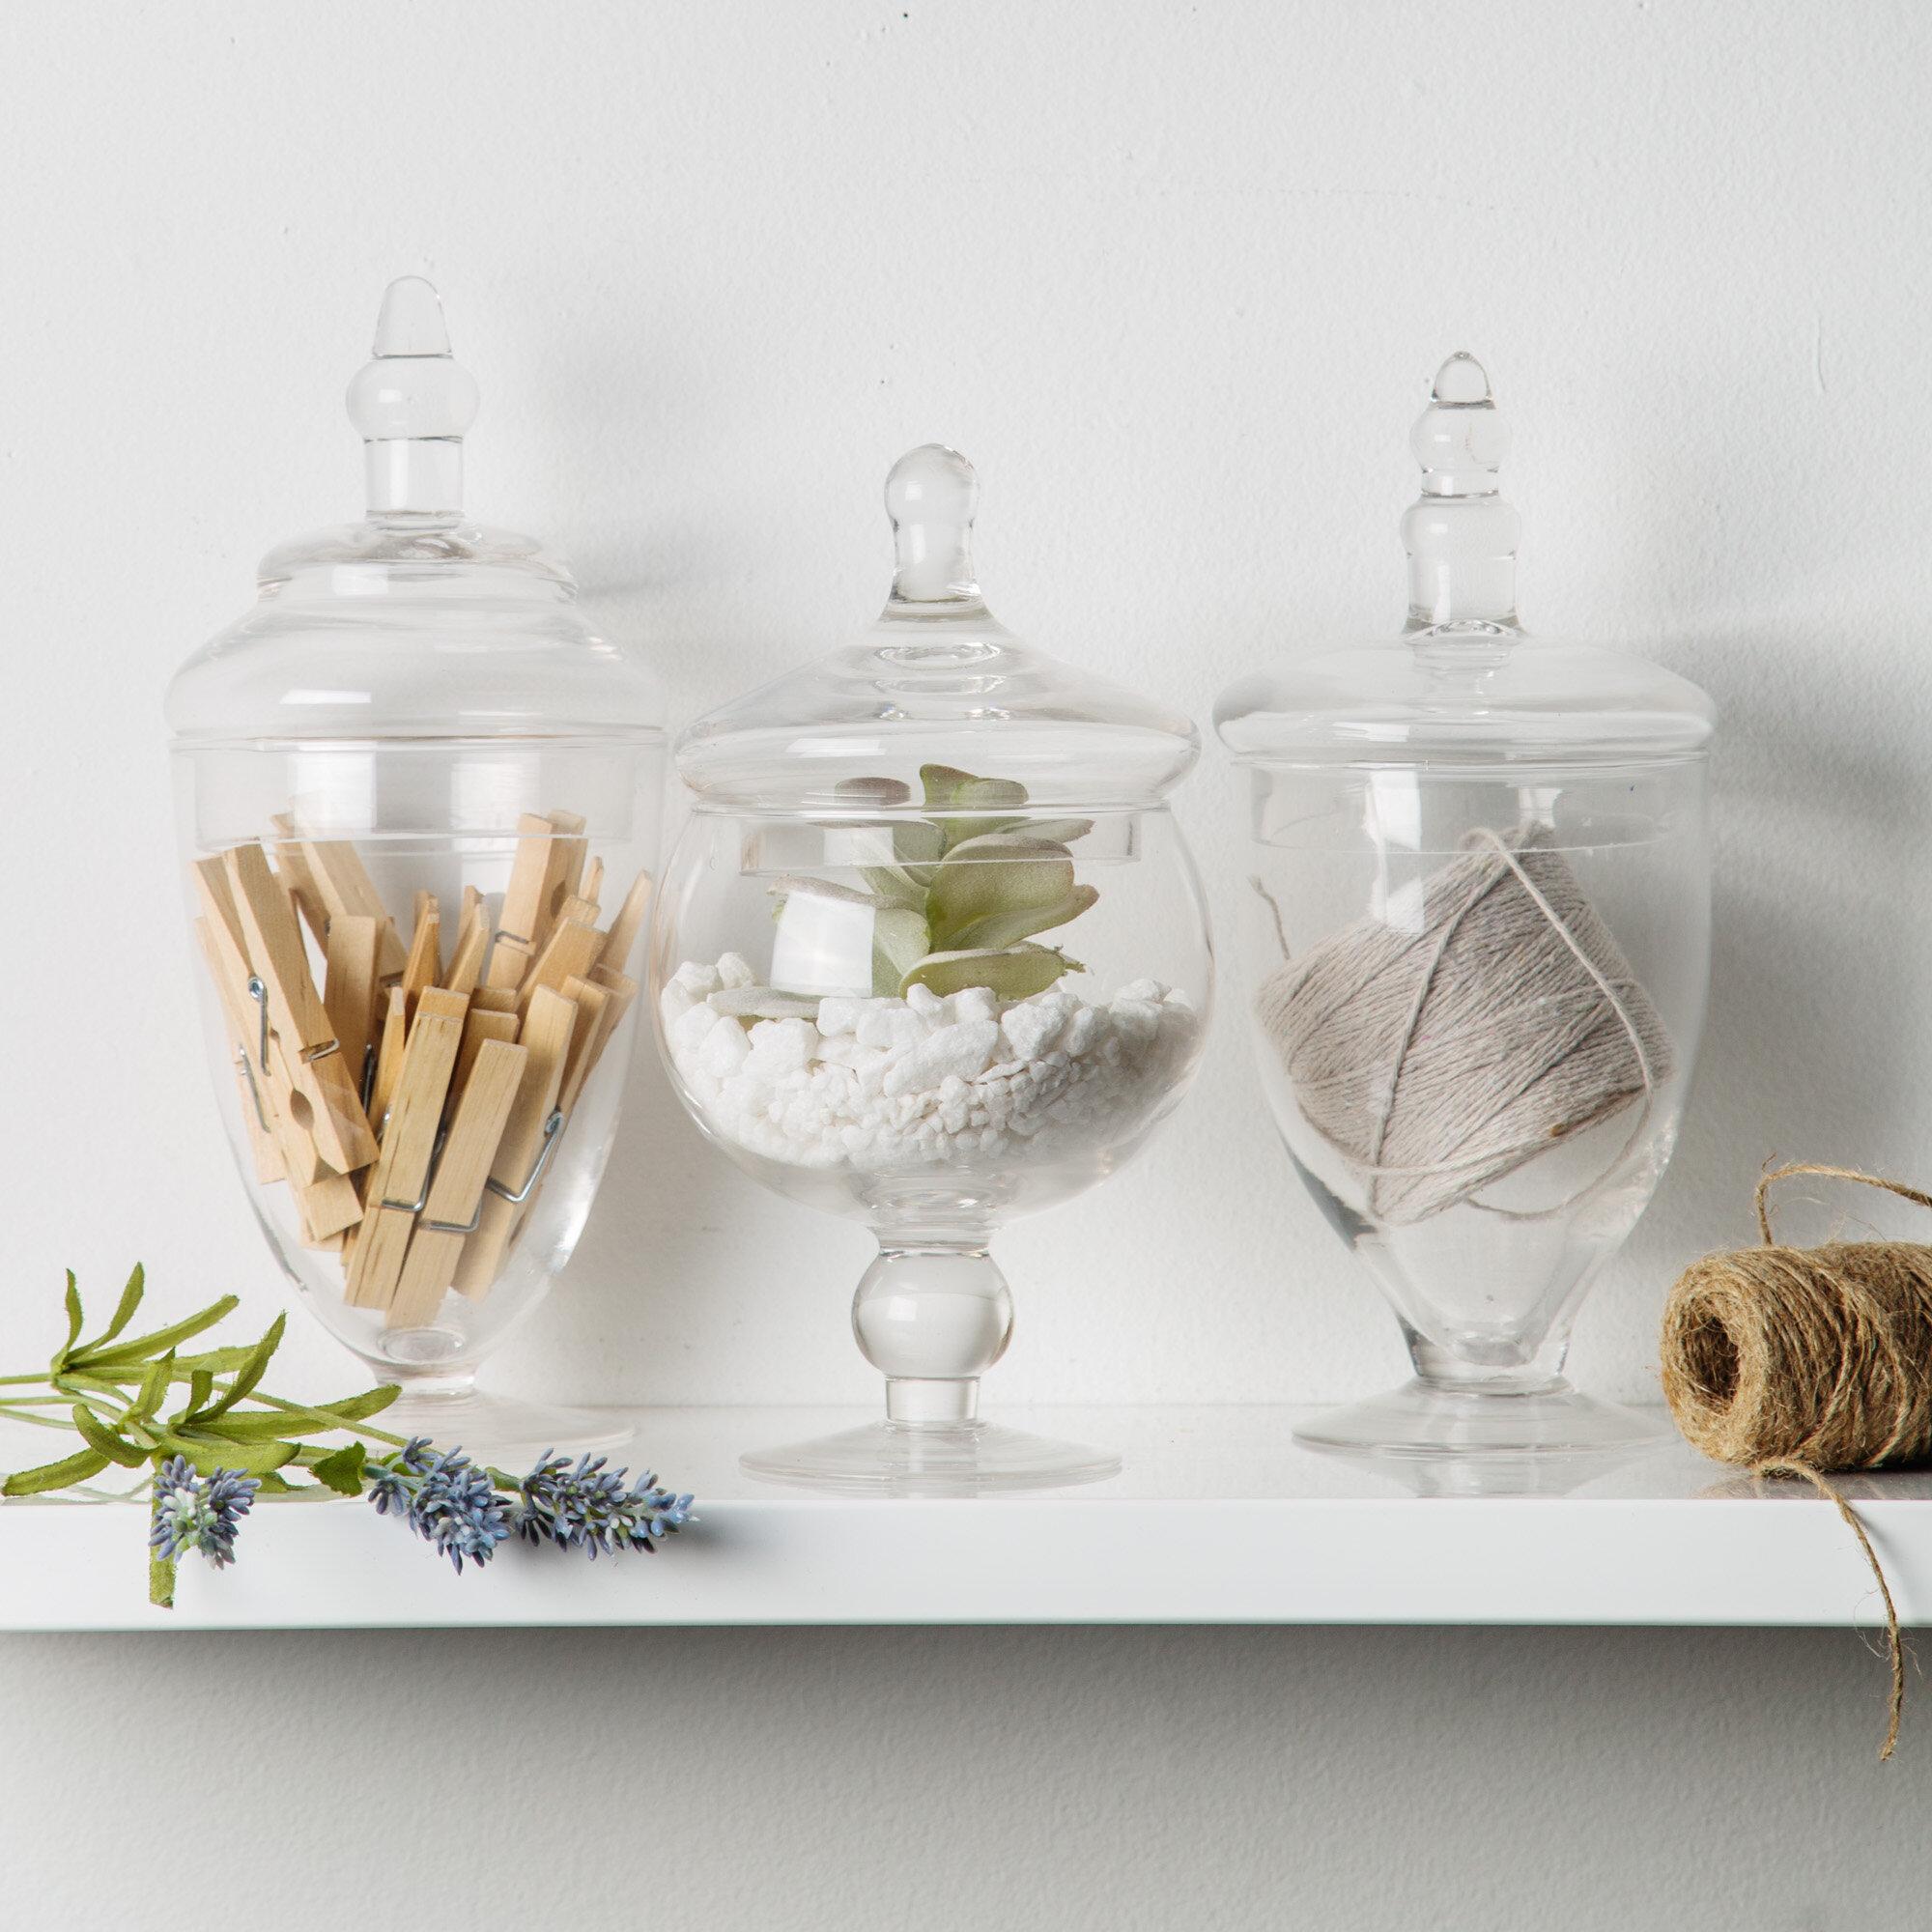 Mint Pantry Scotia 3 Piece Apothecary Jar Set Reviews Wayfair